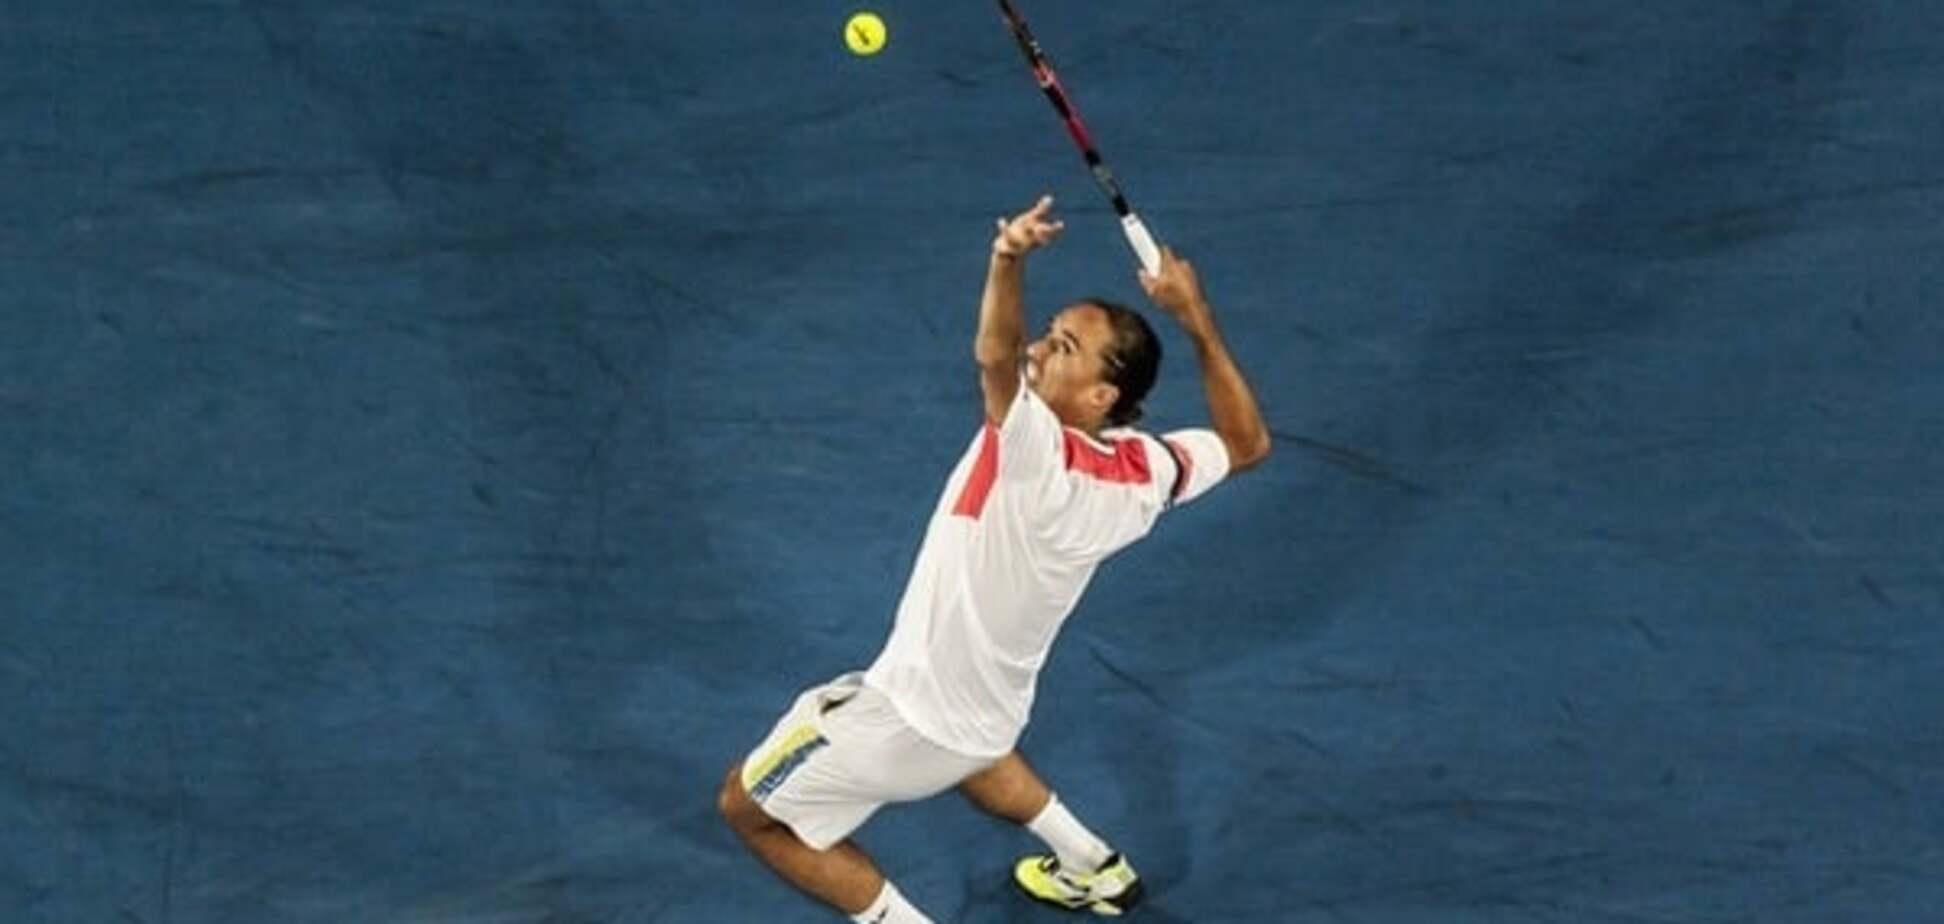 Збірна України сенсаційно вийшла у фінал престижного тенісного турніру